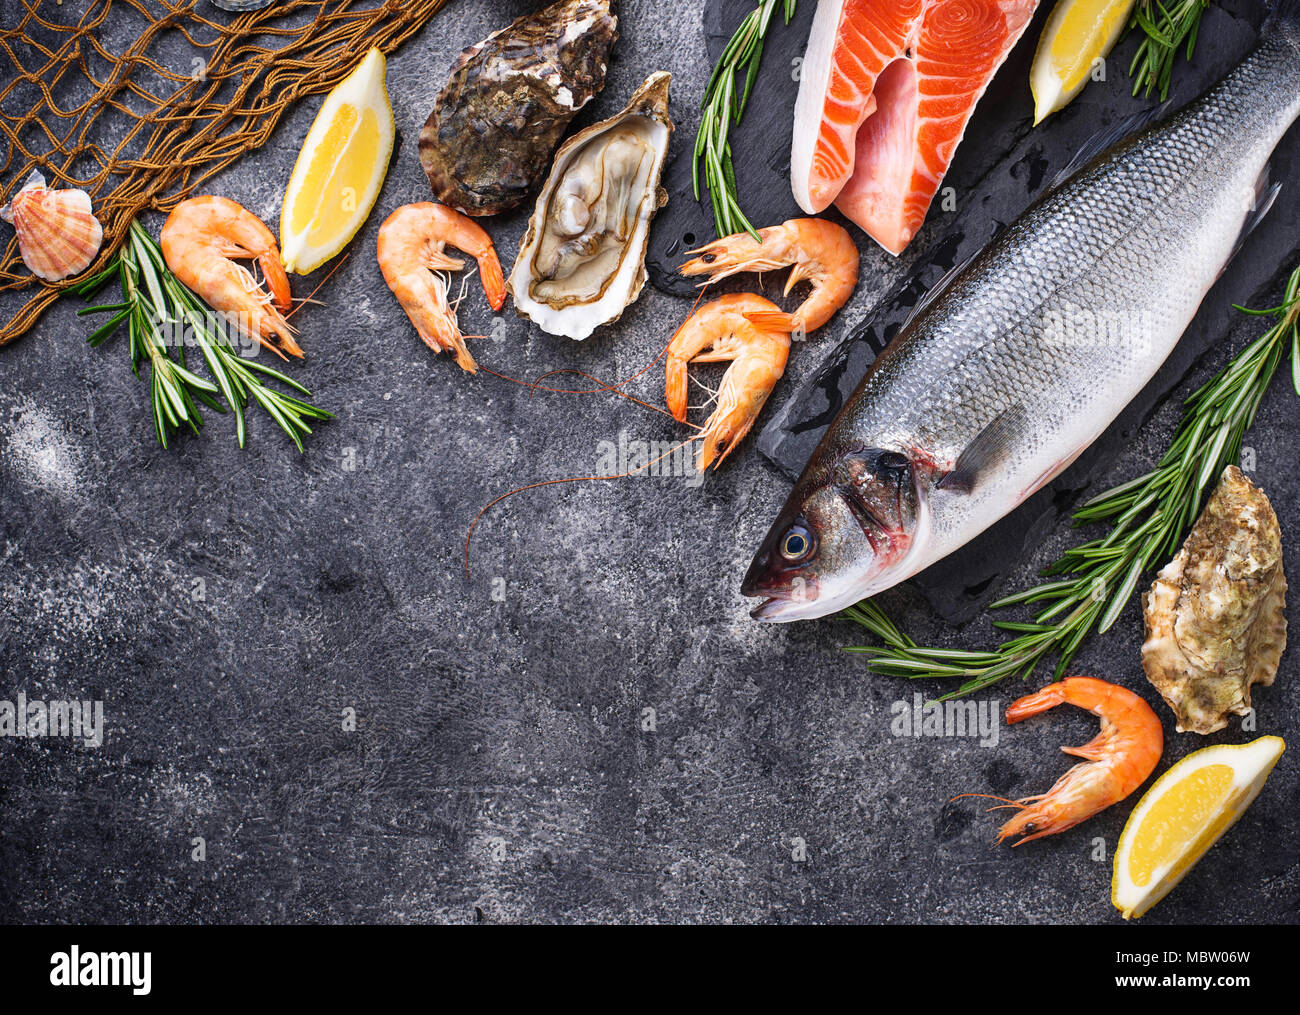 Le saumon, le bar, les crevettes et les huîtres Photo Stock